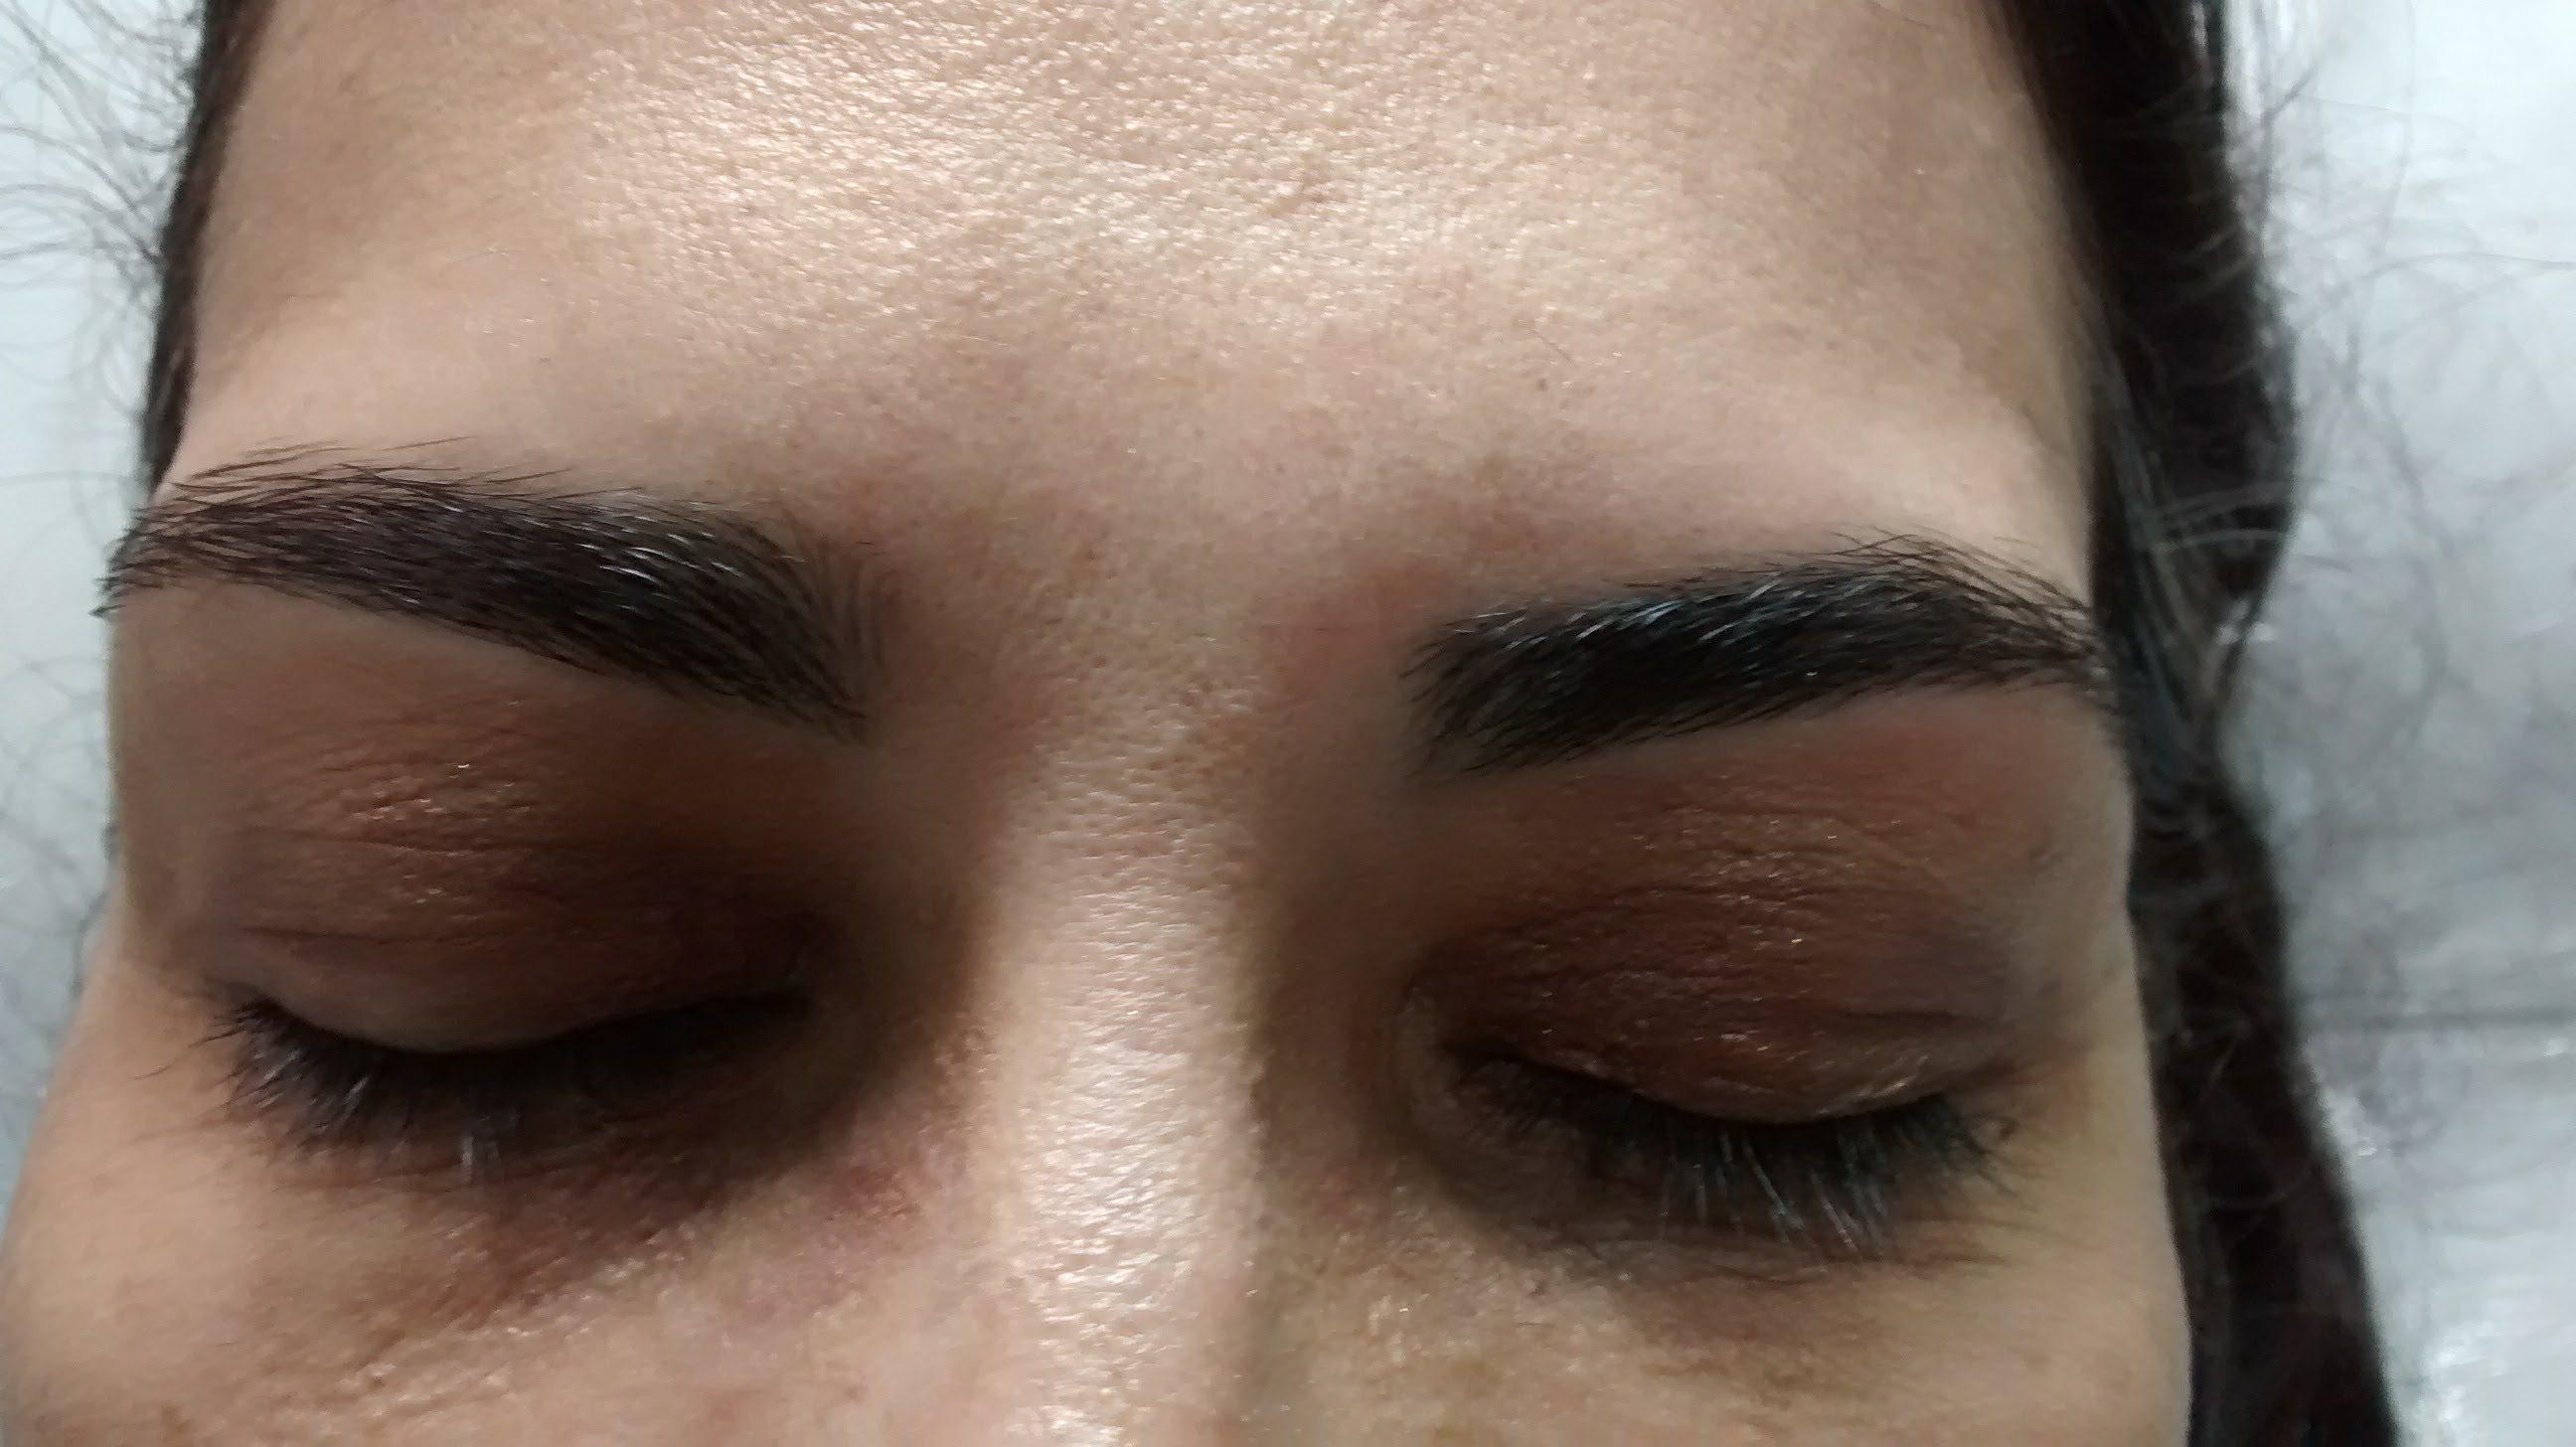 Sobrancelhas delineadas conforme desejo da cliente, completam a harmonia do rosto. estética depilador(a) designer de sobrancelhas manicure e pedicure